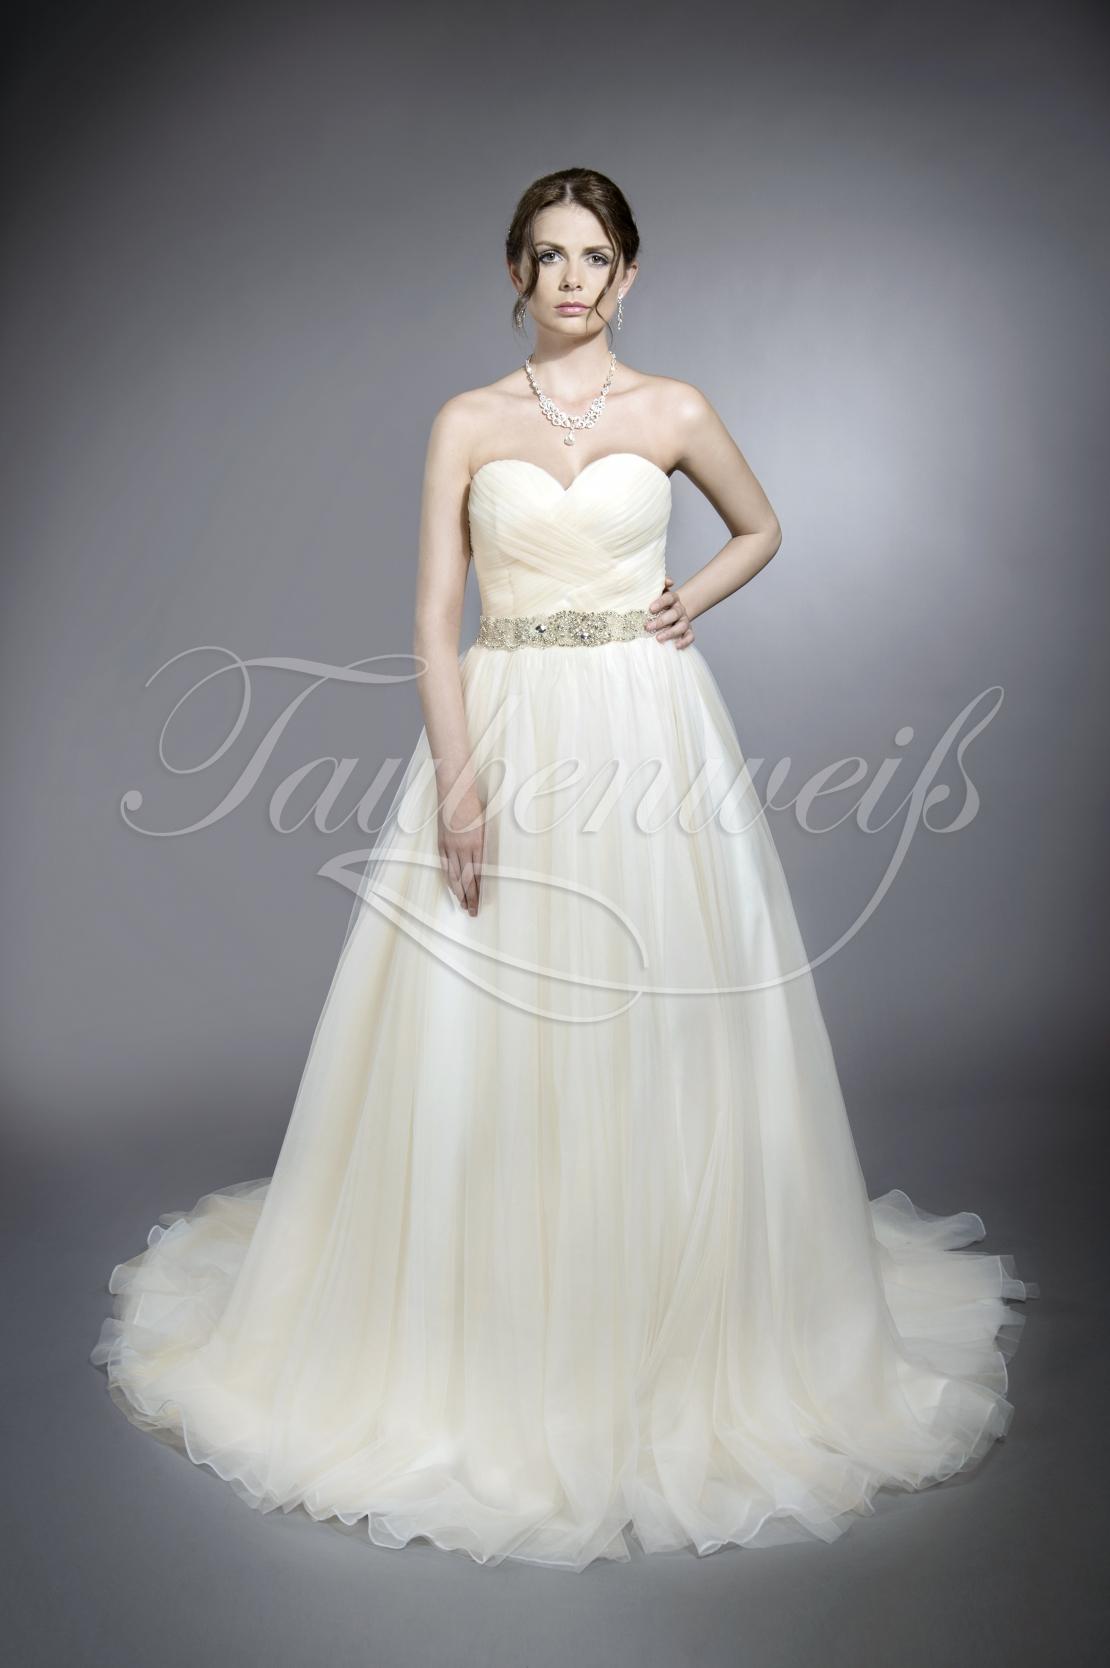 neue bilder von Treffen besserer Preis für Brautkleid TW0120B aus Tüll und Organza mit Strassgürtel